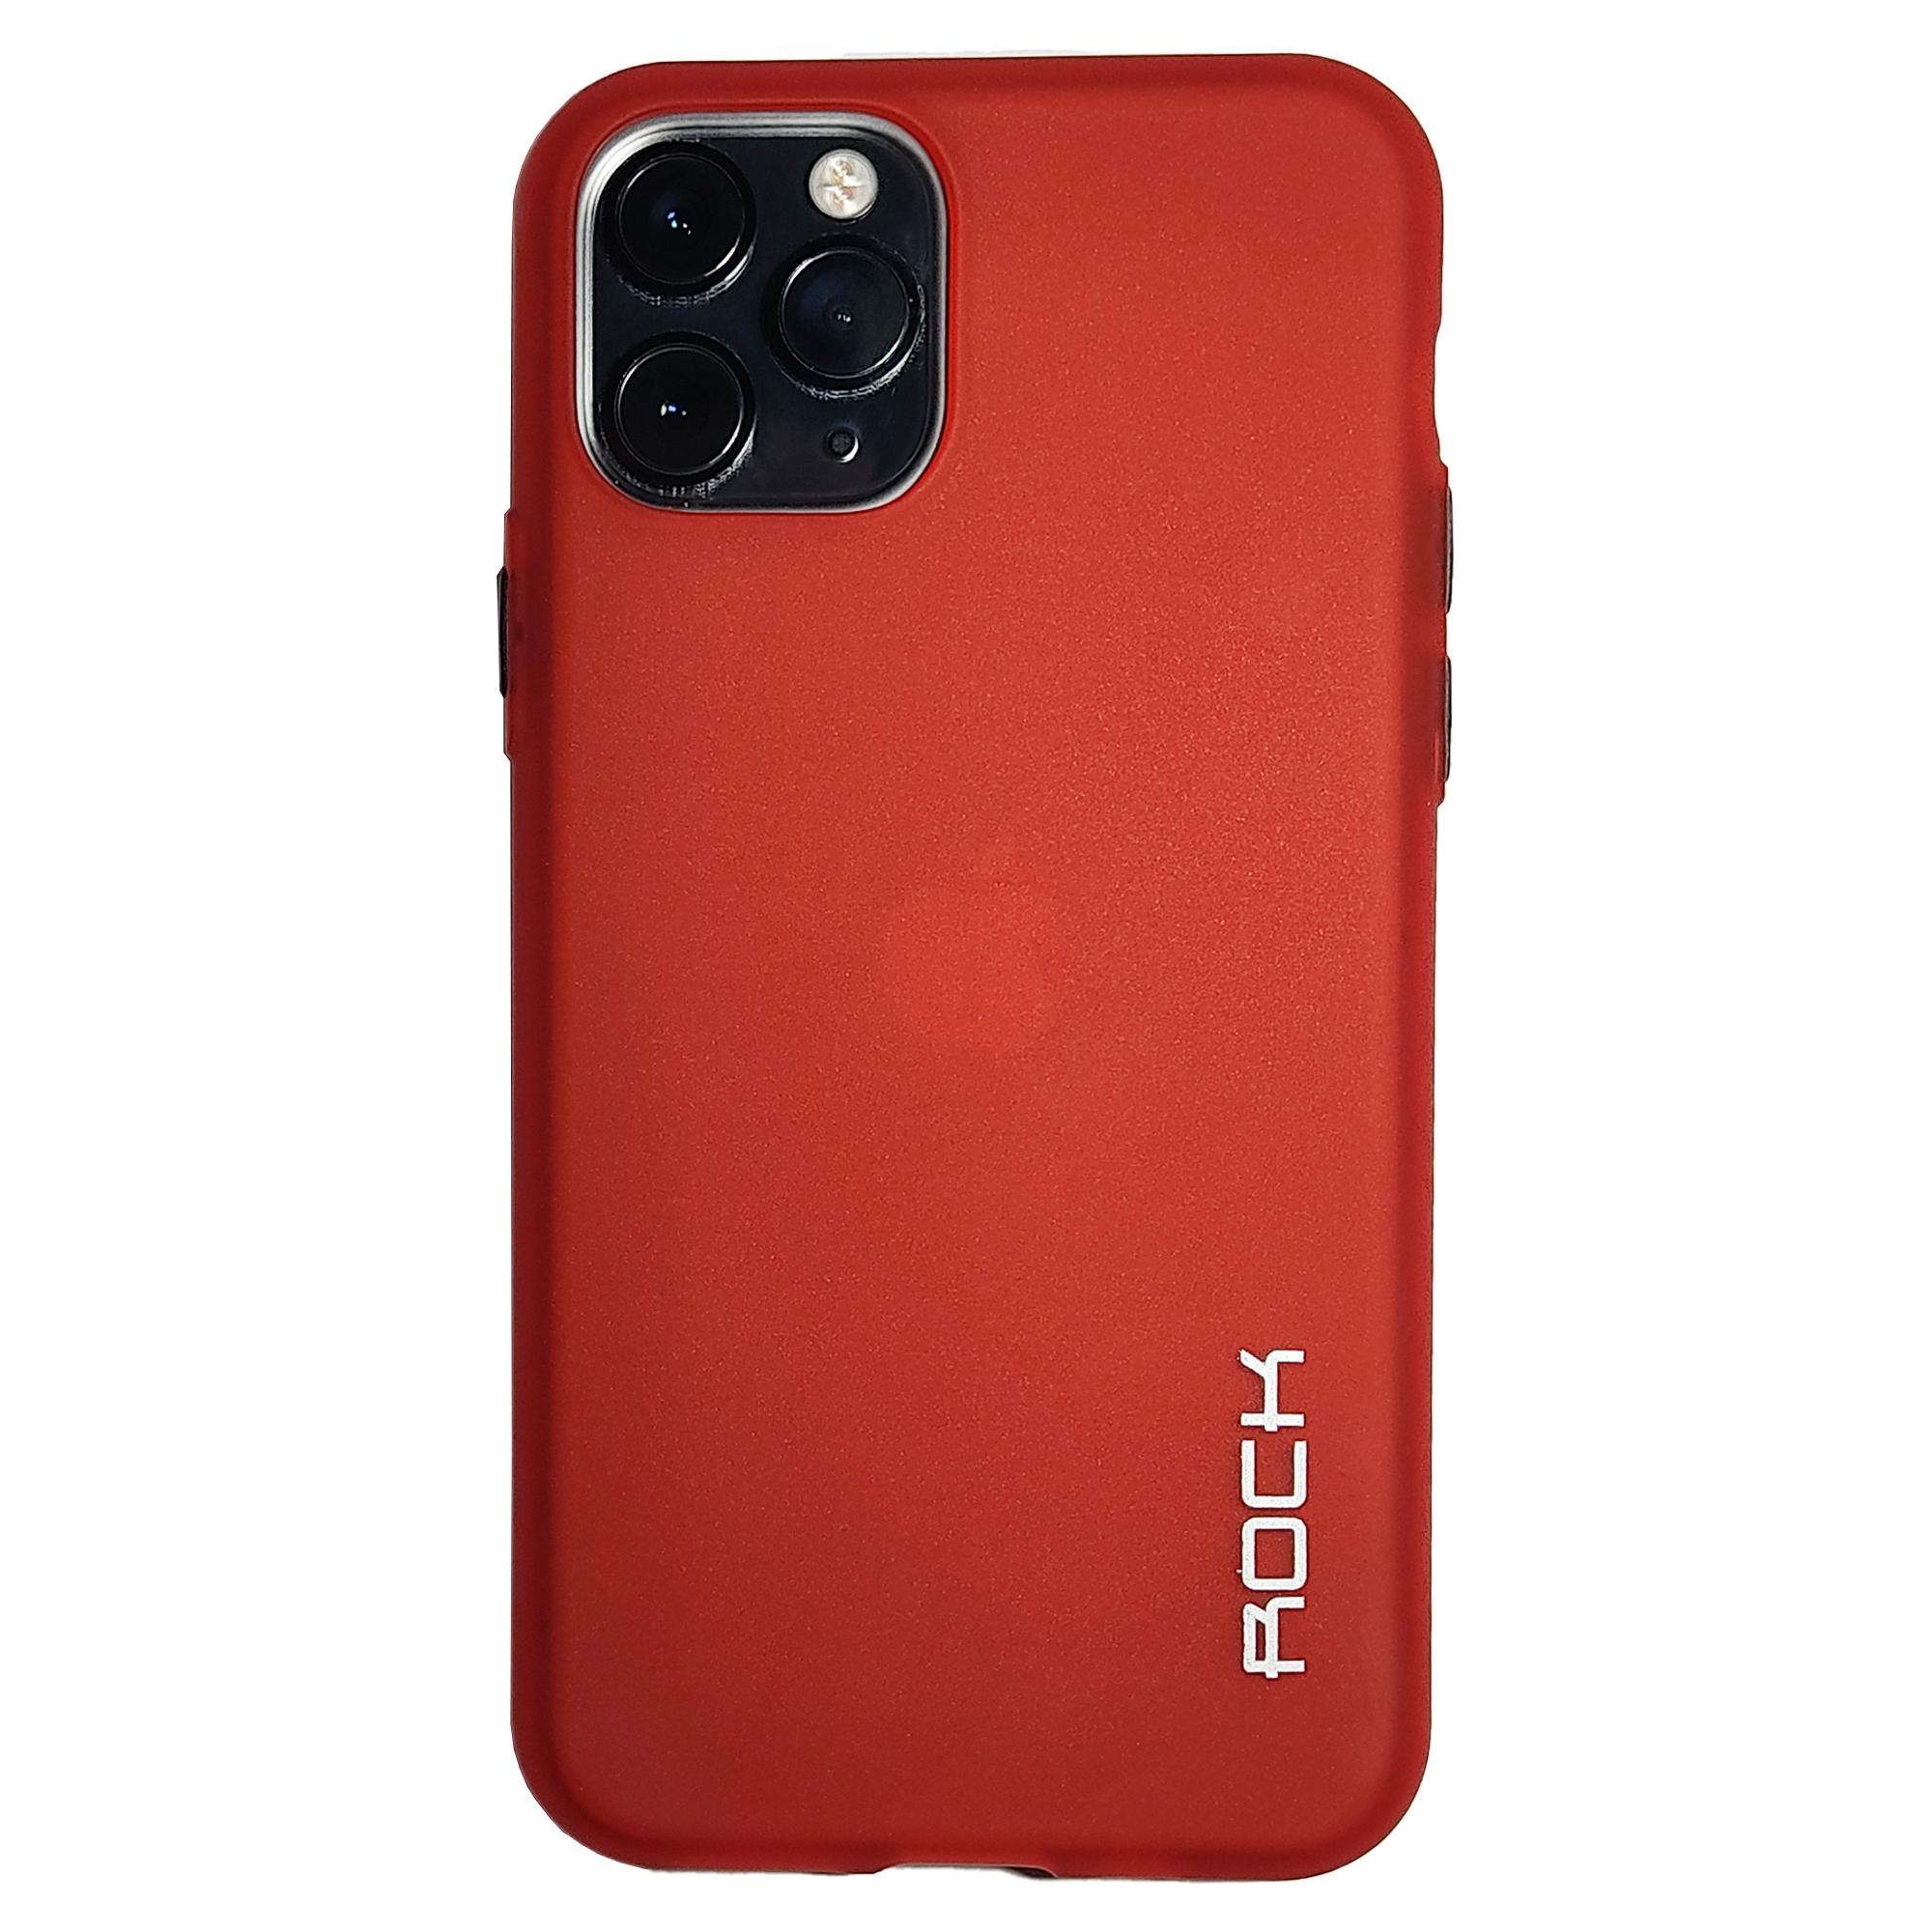 کاور راک مدل SPRT01 مناسب برای گوشی موبایل اپل iPhone 11 Pro thumb 2 12